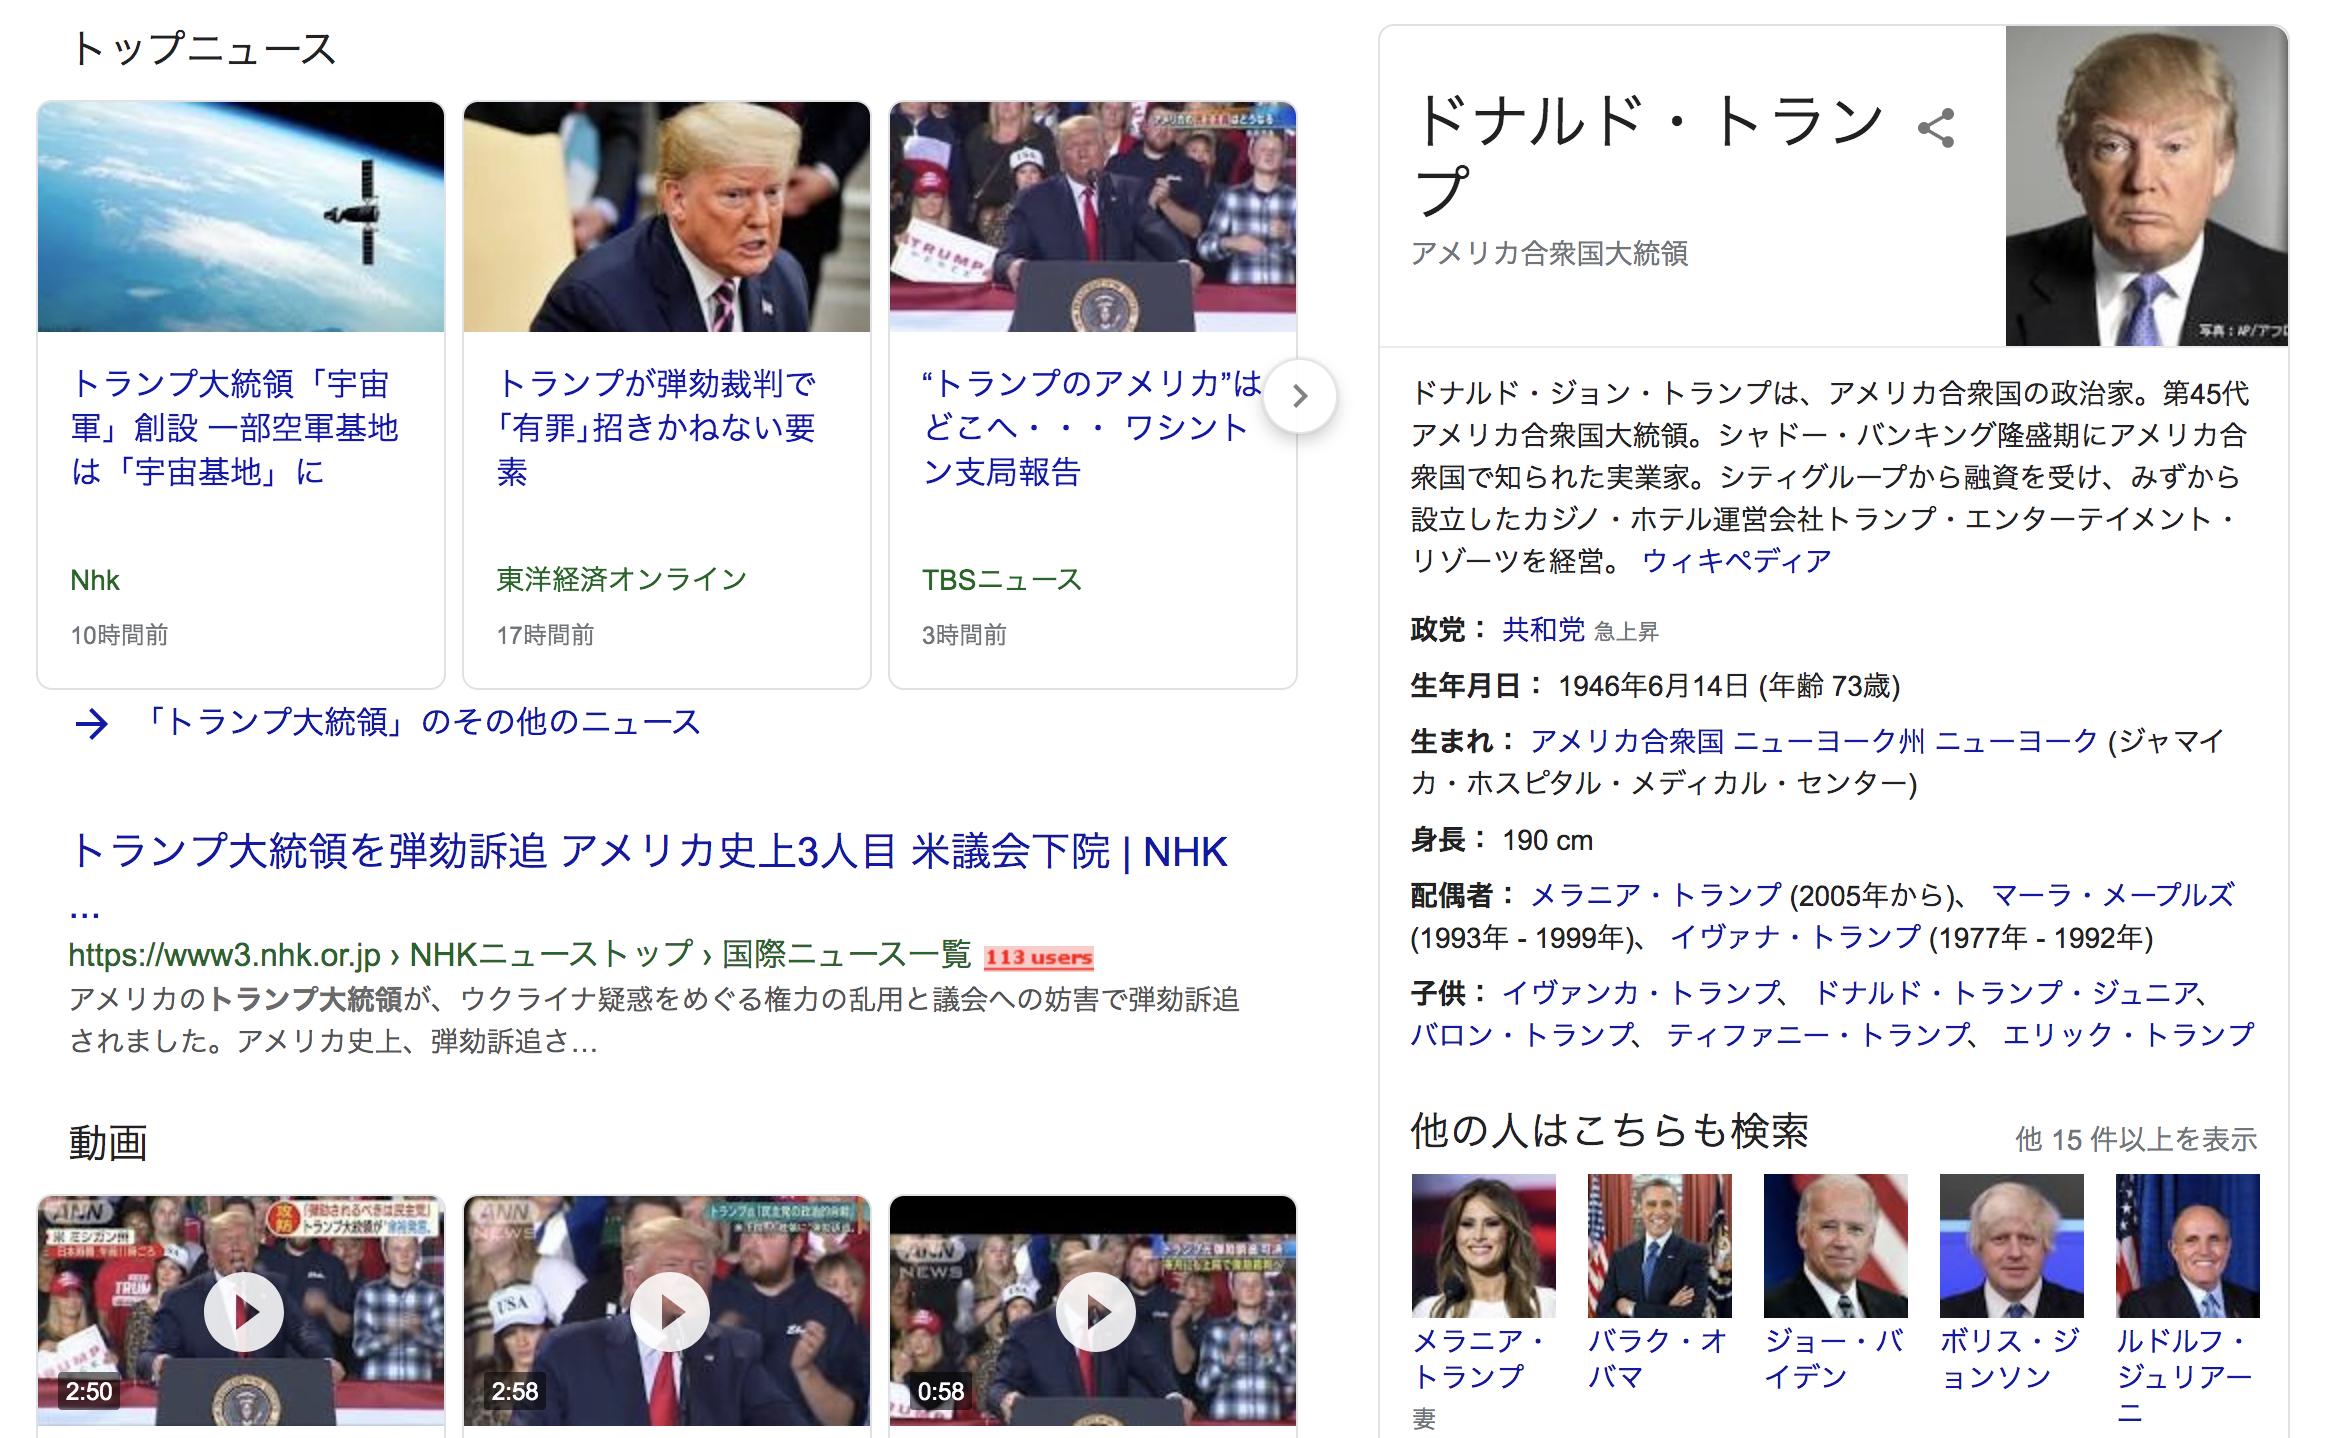 「トランプ大統領」と検索した結果